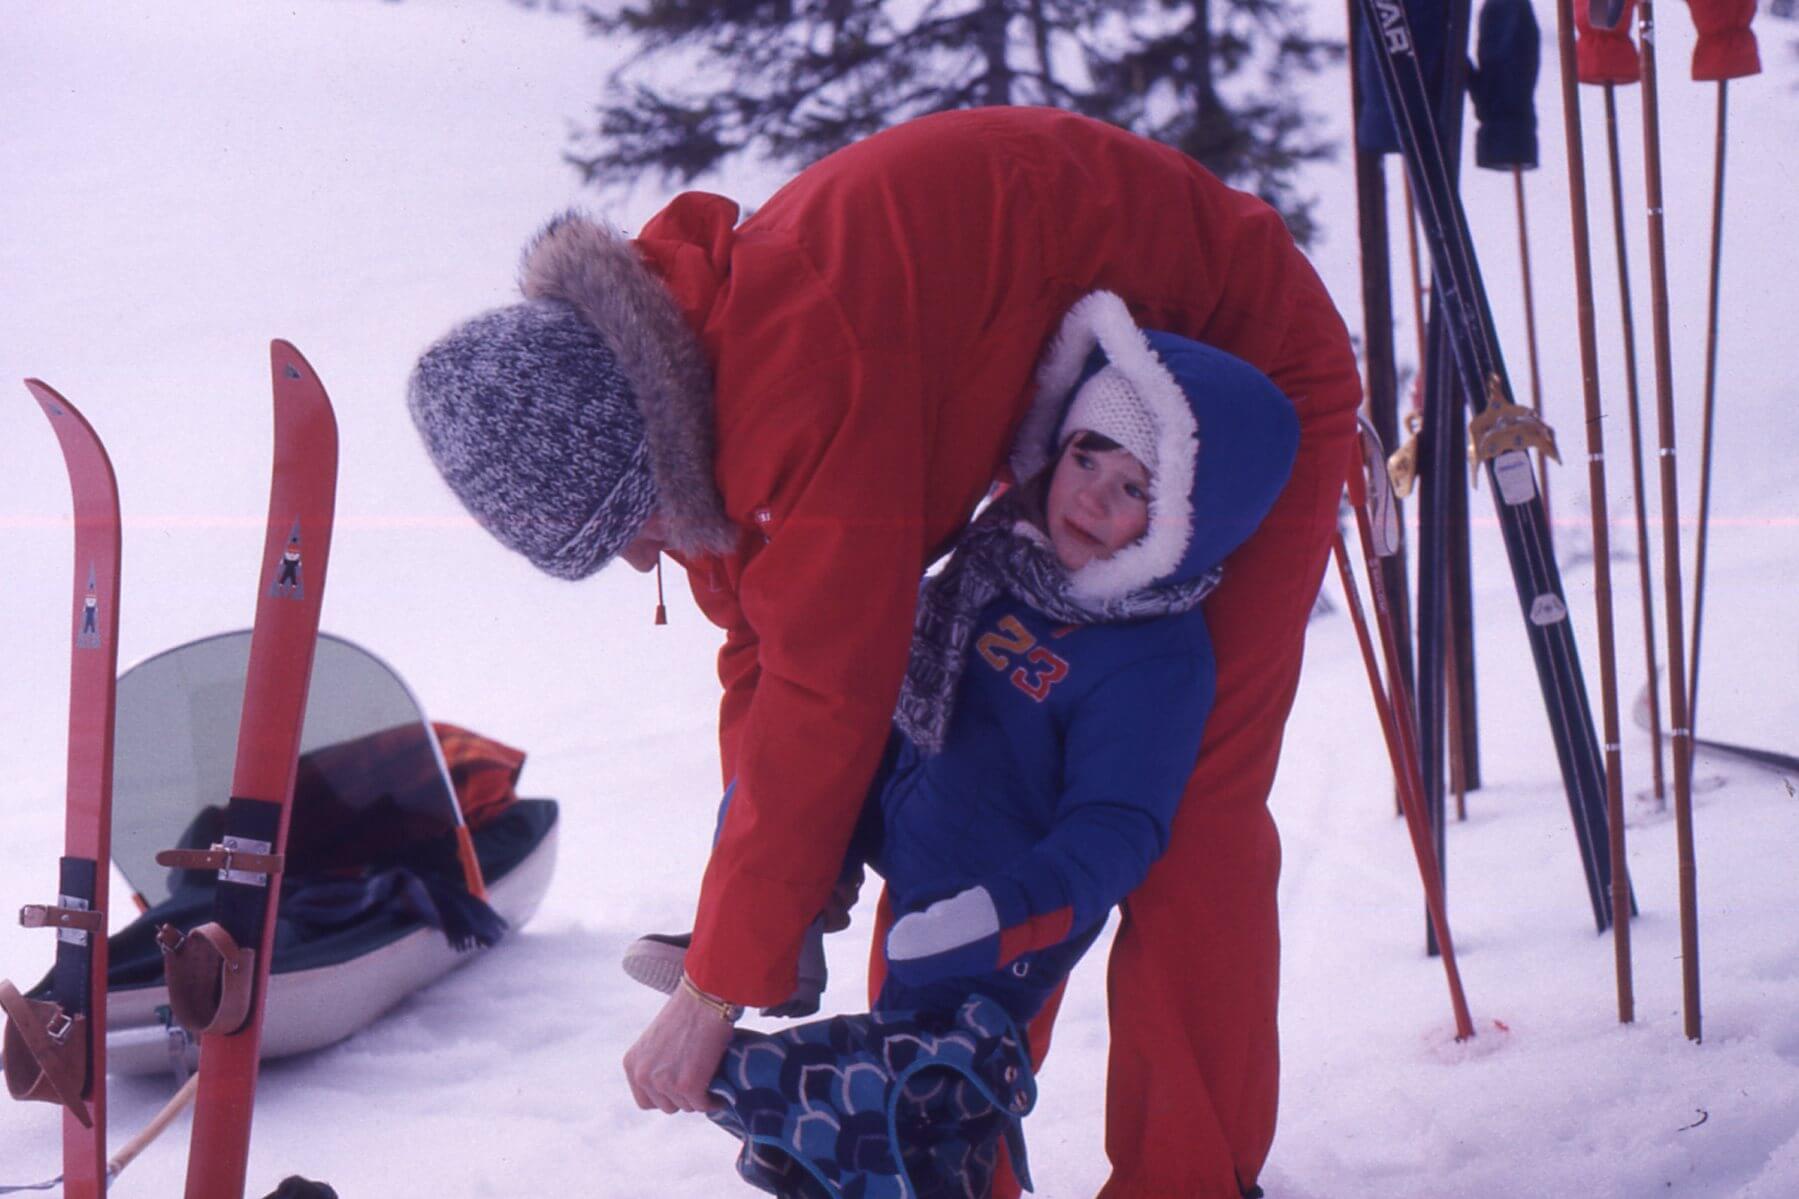 Gammelt fotografi av barn som får hjelp av en voksen til å ta på seg skiene.